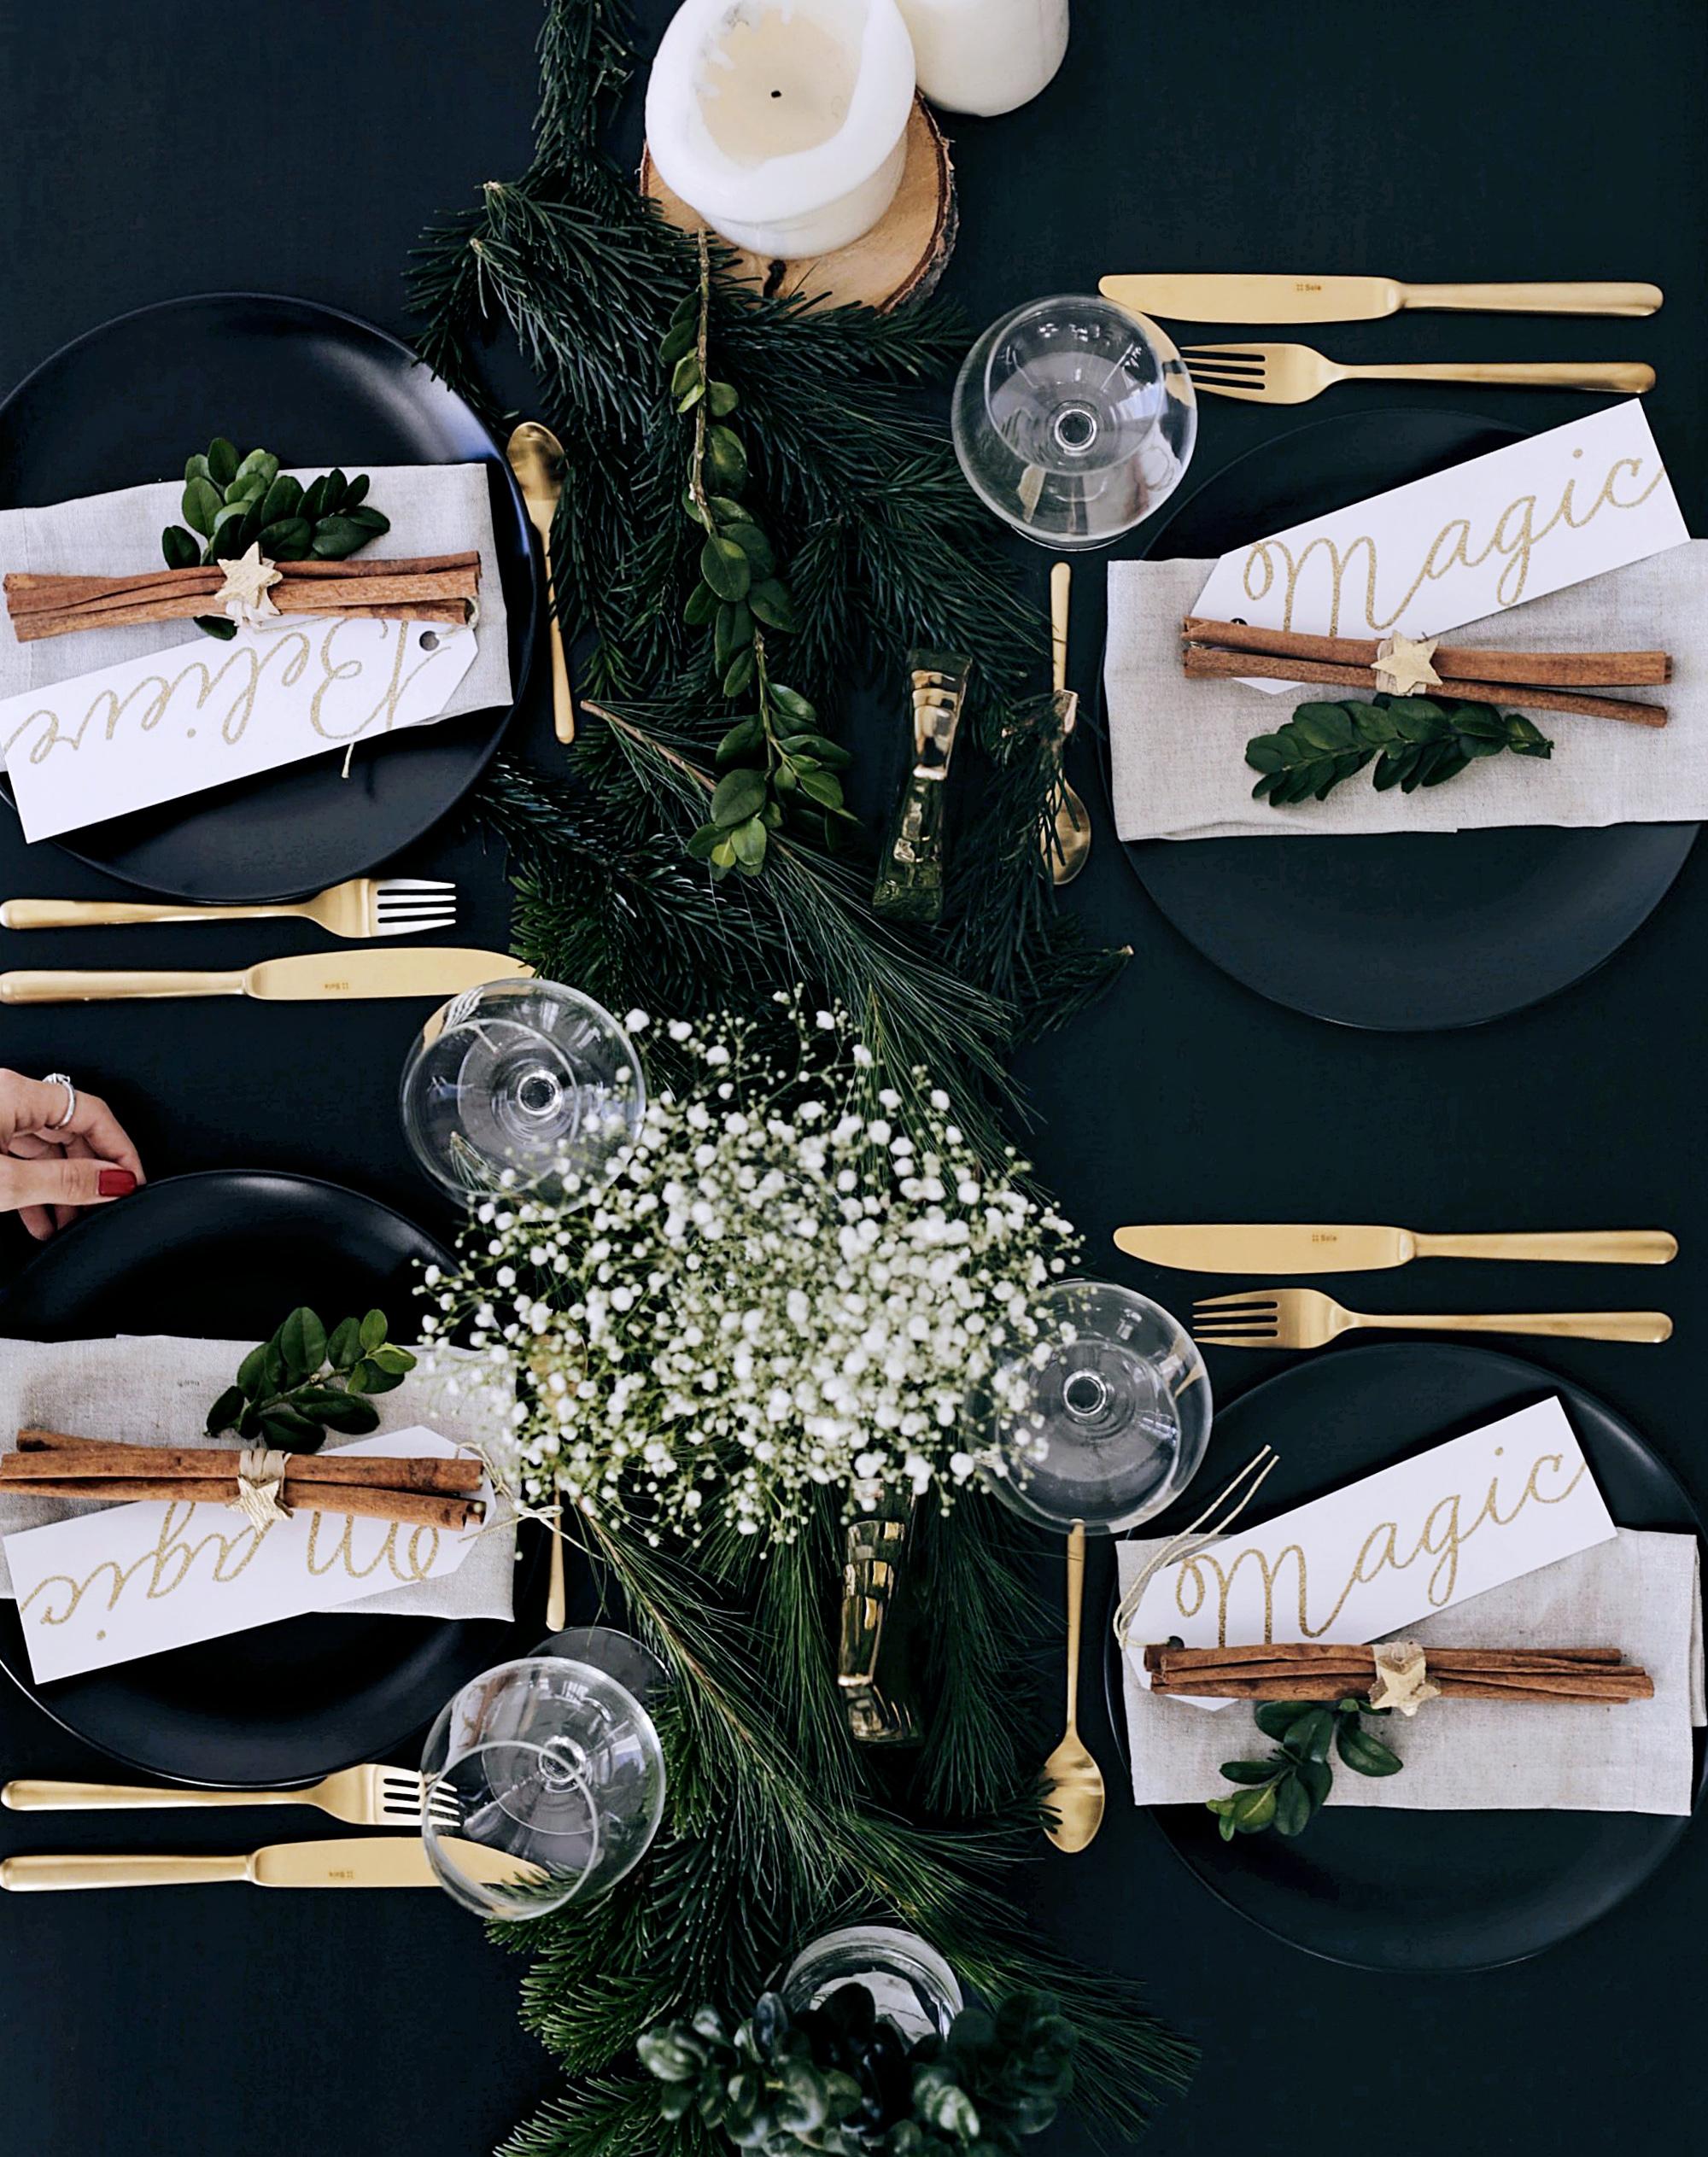 Christmas Table Setting With Golden Elements 8 Valeriehusemann De Achtsamkeit Selbstliebe Mindset